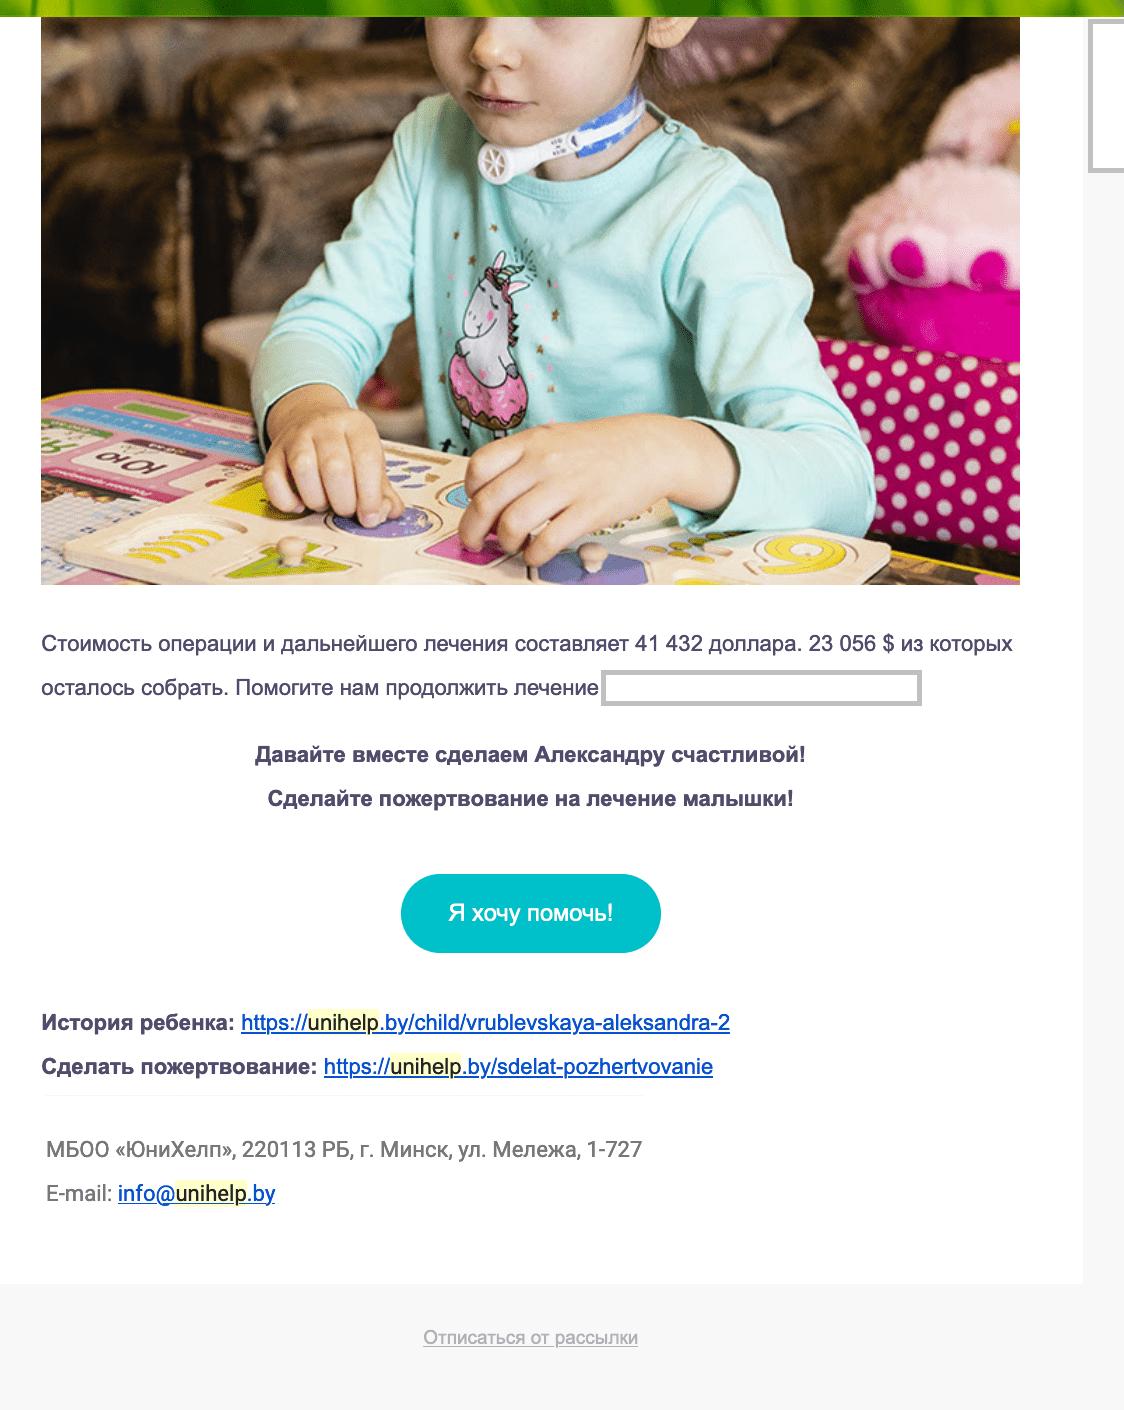 футер рассылки благотворительного фонда